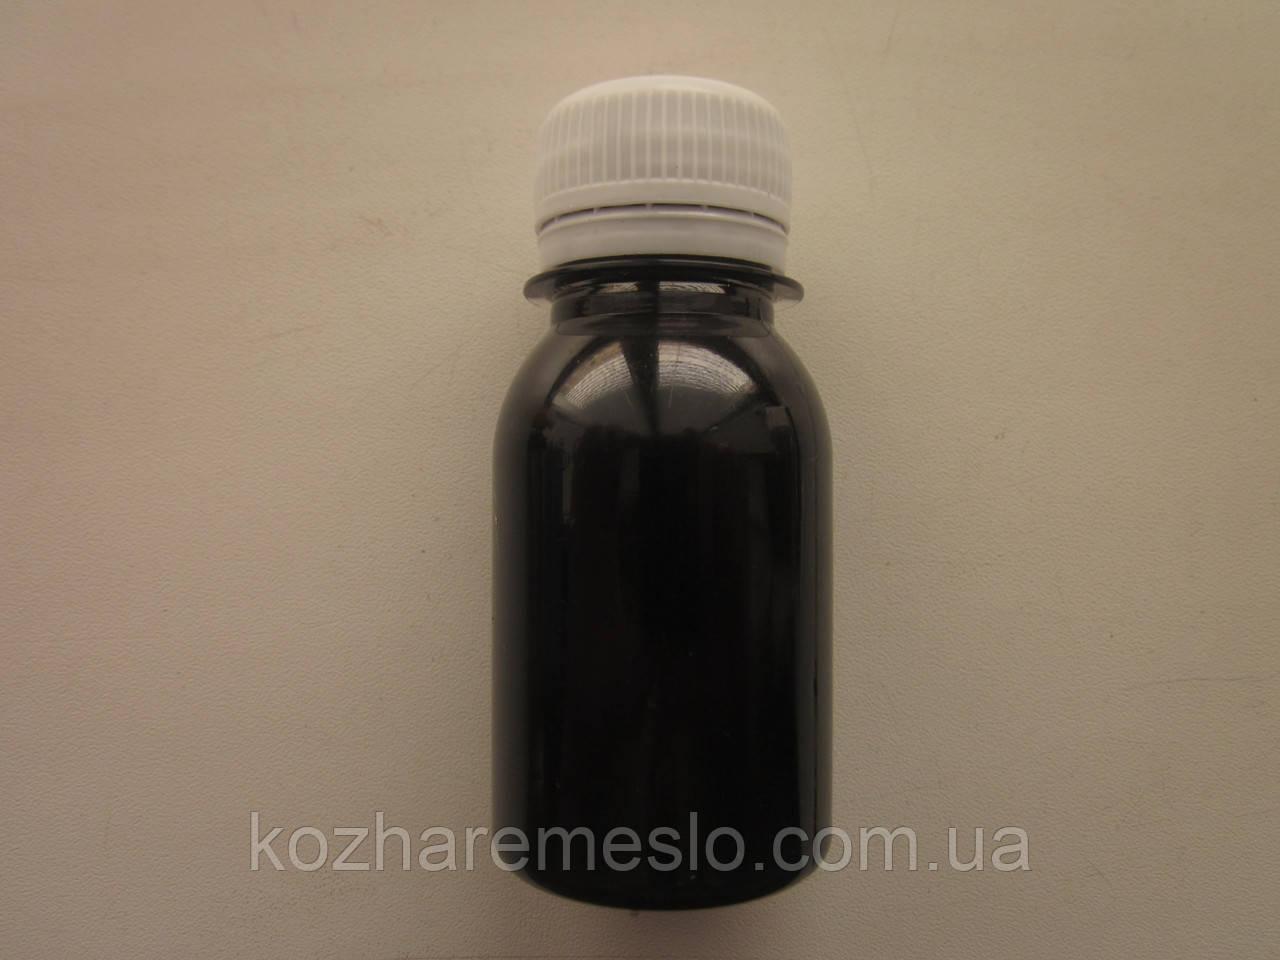 Краска для уреза (торца) кожи FENICE на силиконовой основе 50 грам чёрная